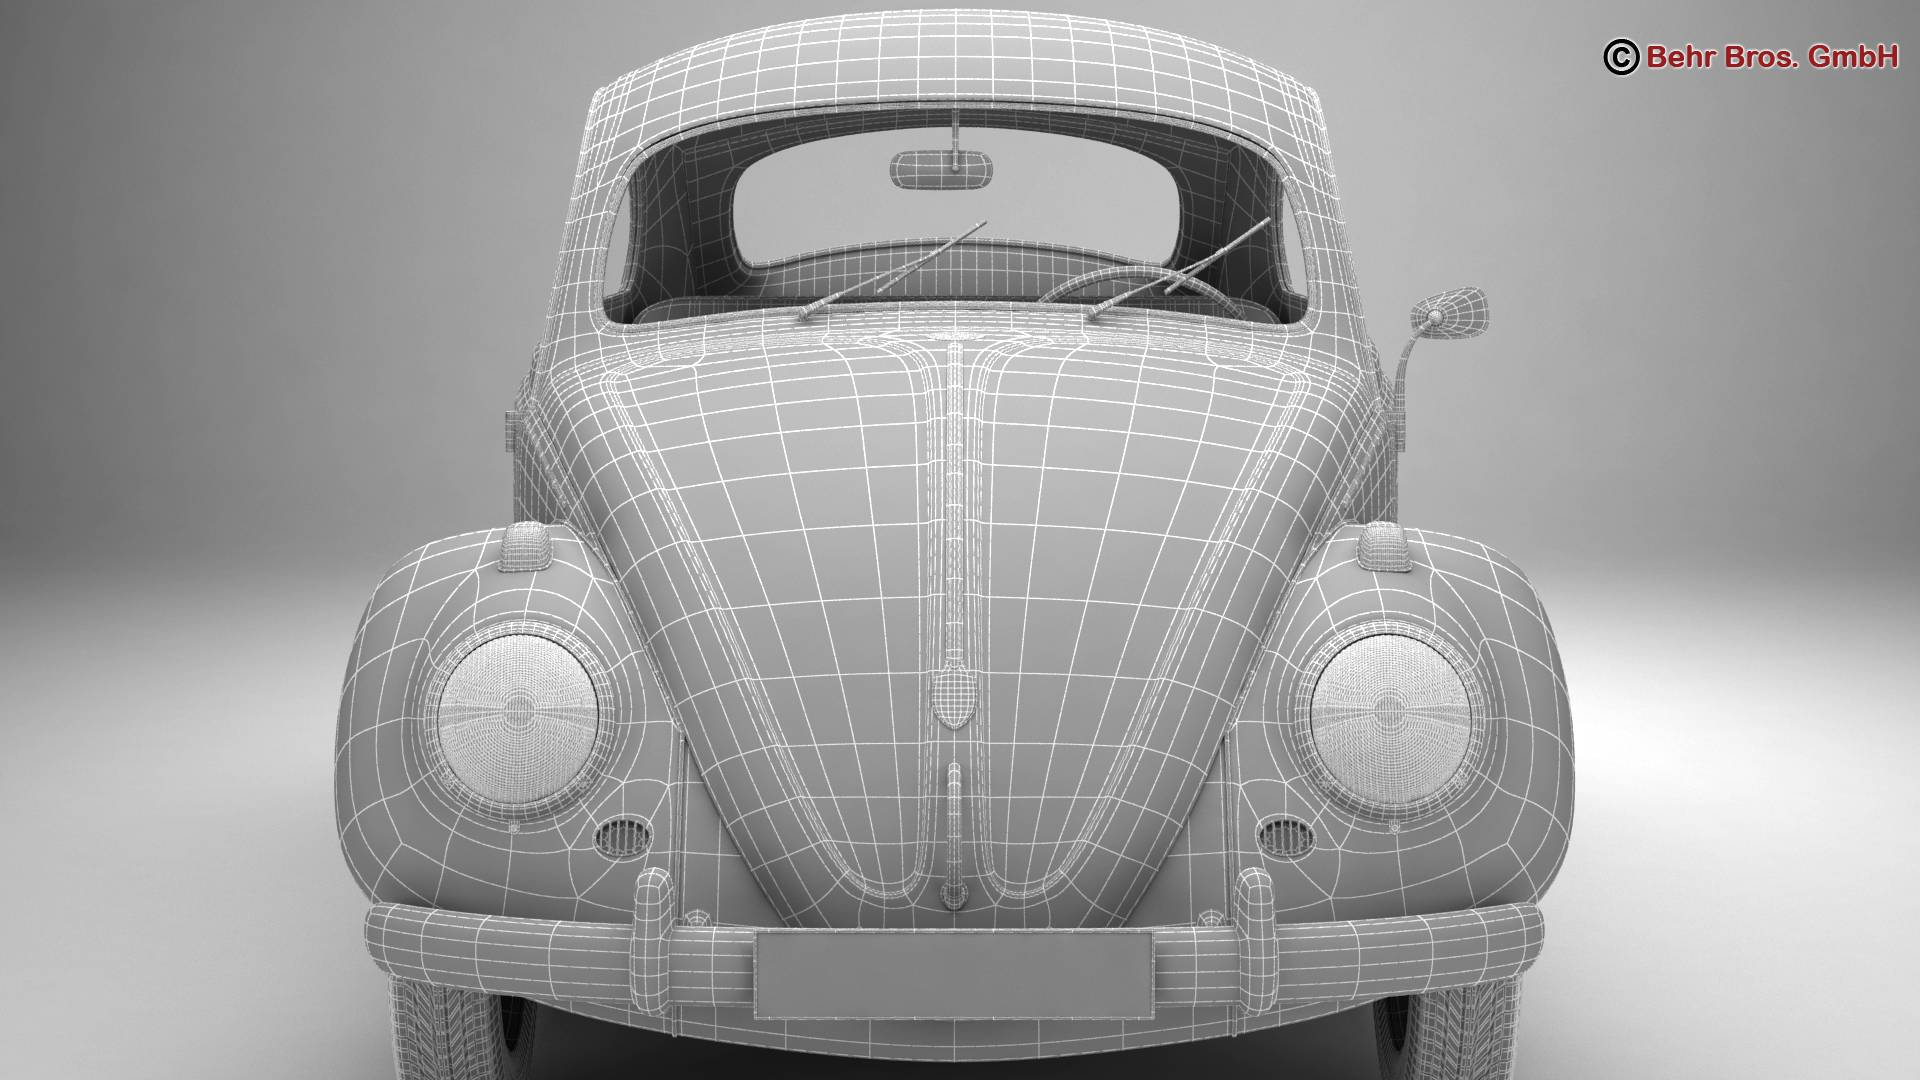 volkswagen beetle 1963 1200 deluxe 3d model 3ds max fbx c4d lwo ma mb obj 220293